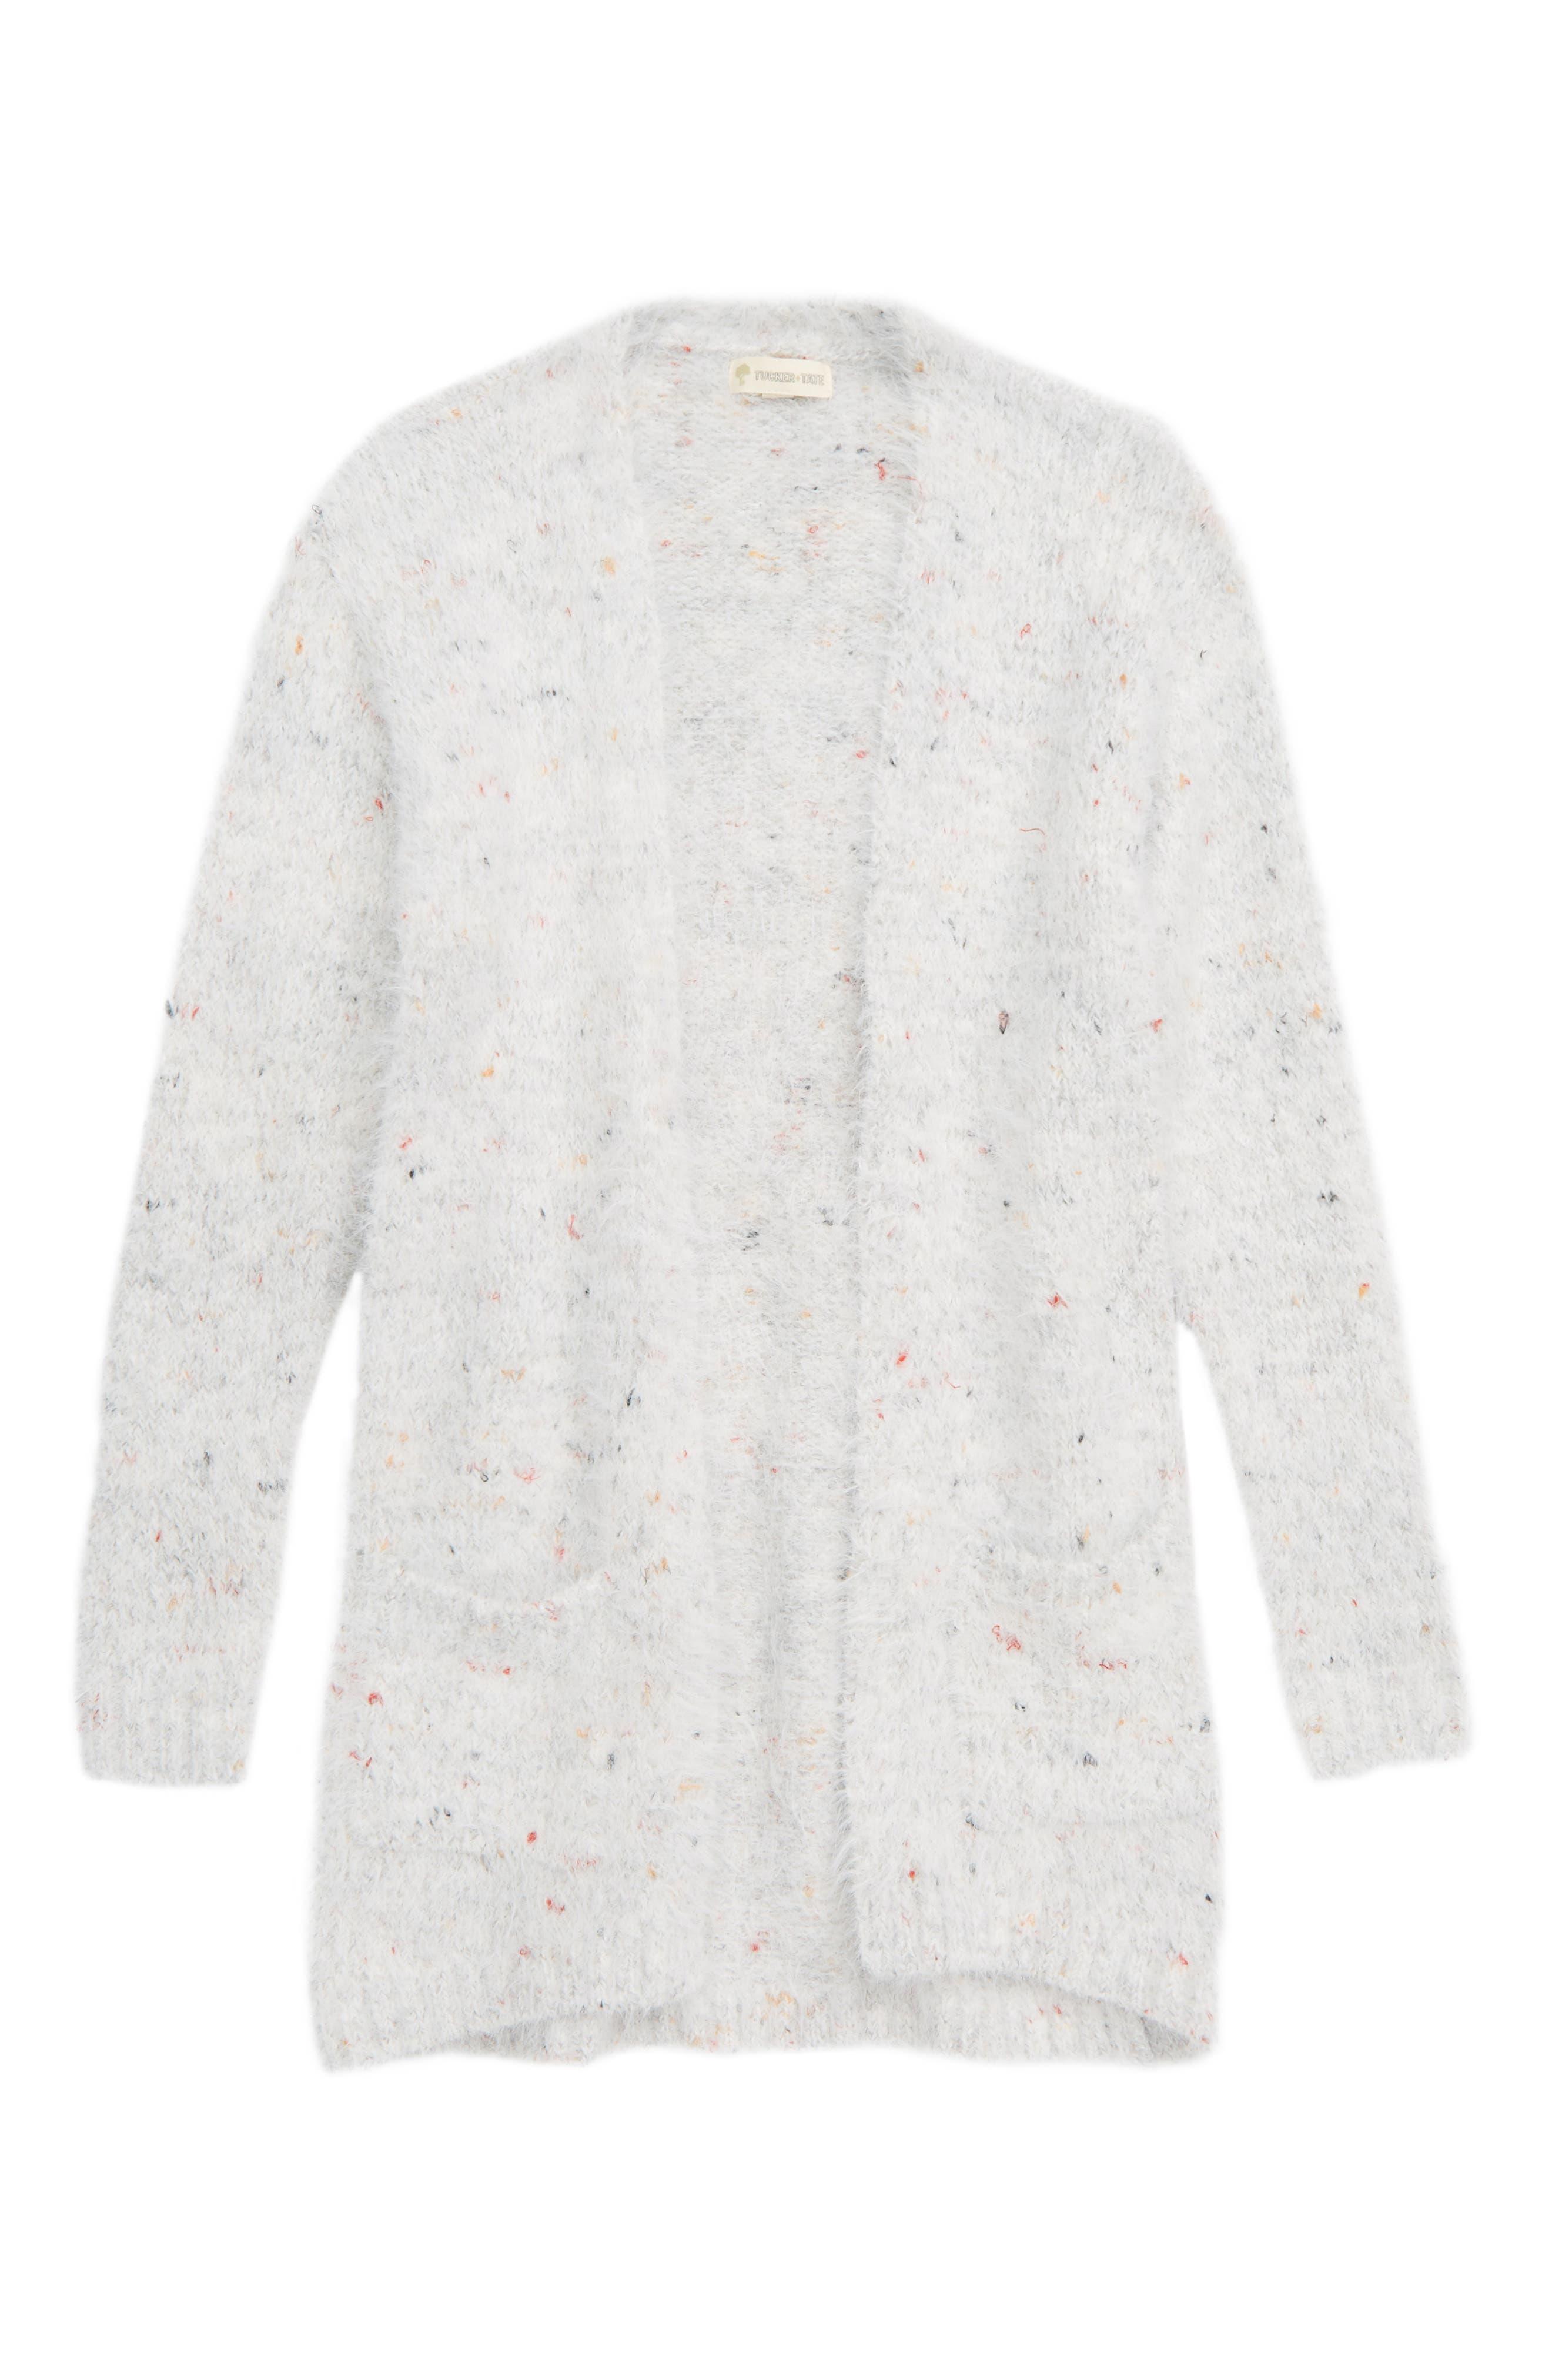 Speckle Cardigan,                         Main,                         color, GREY ASH HEATHER MULTI